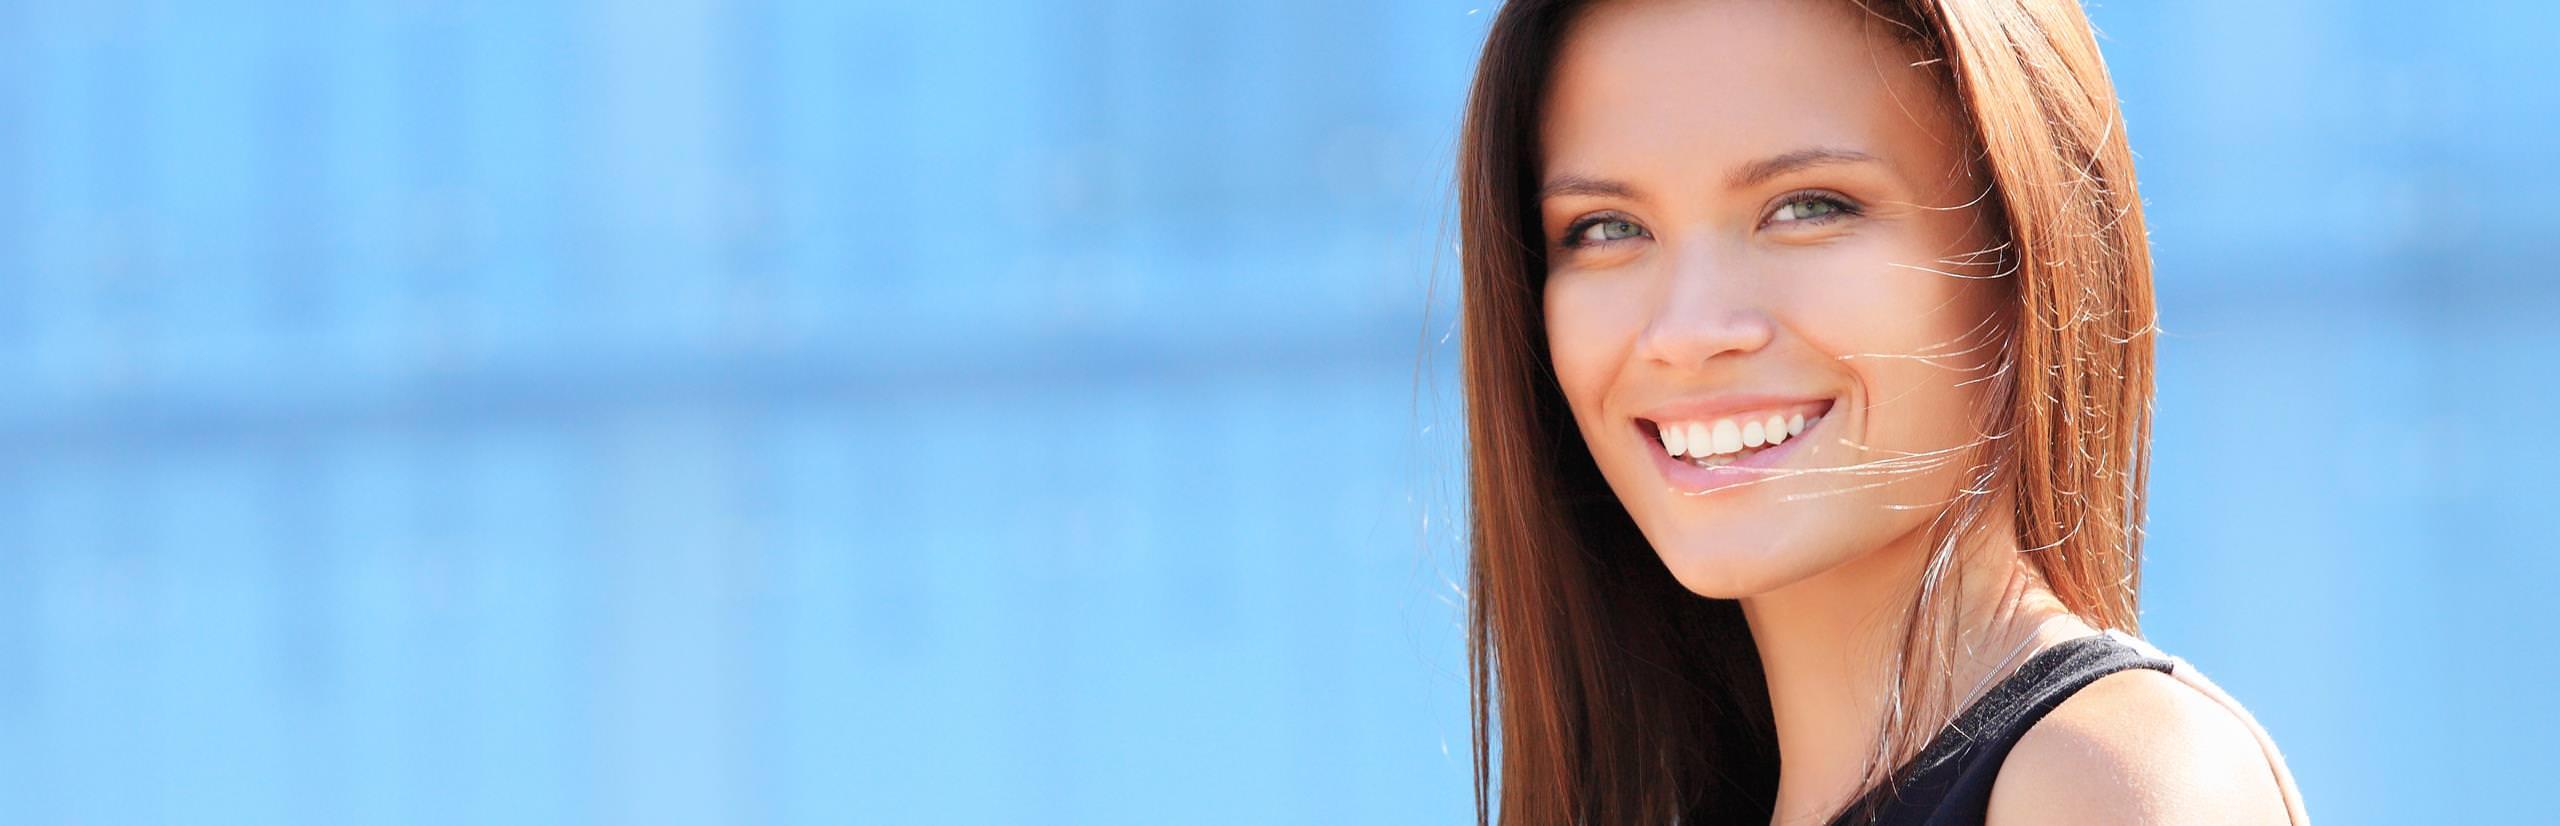 Praxis-Marketing Zahnarzt Ästhetische Zahnheilkunde Bleaching Veneers